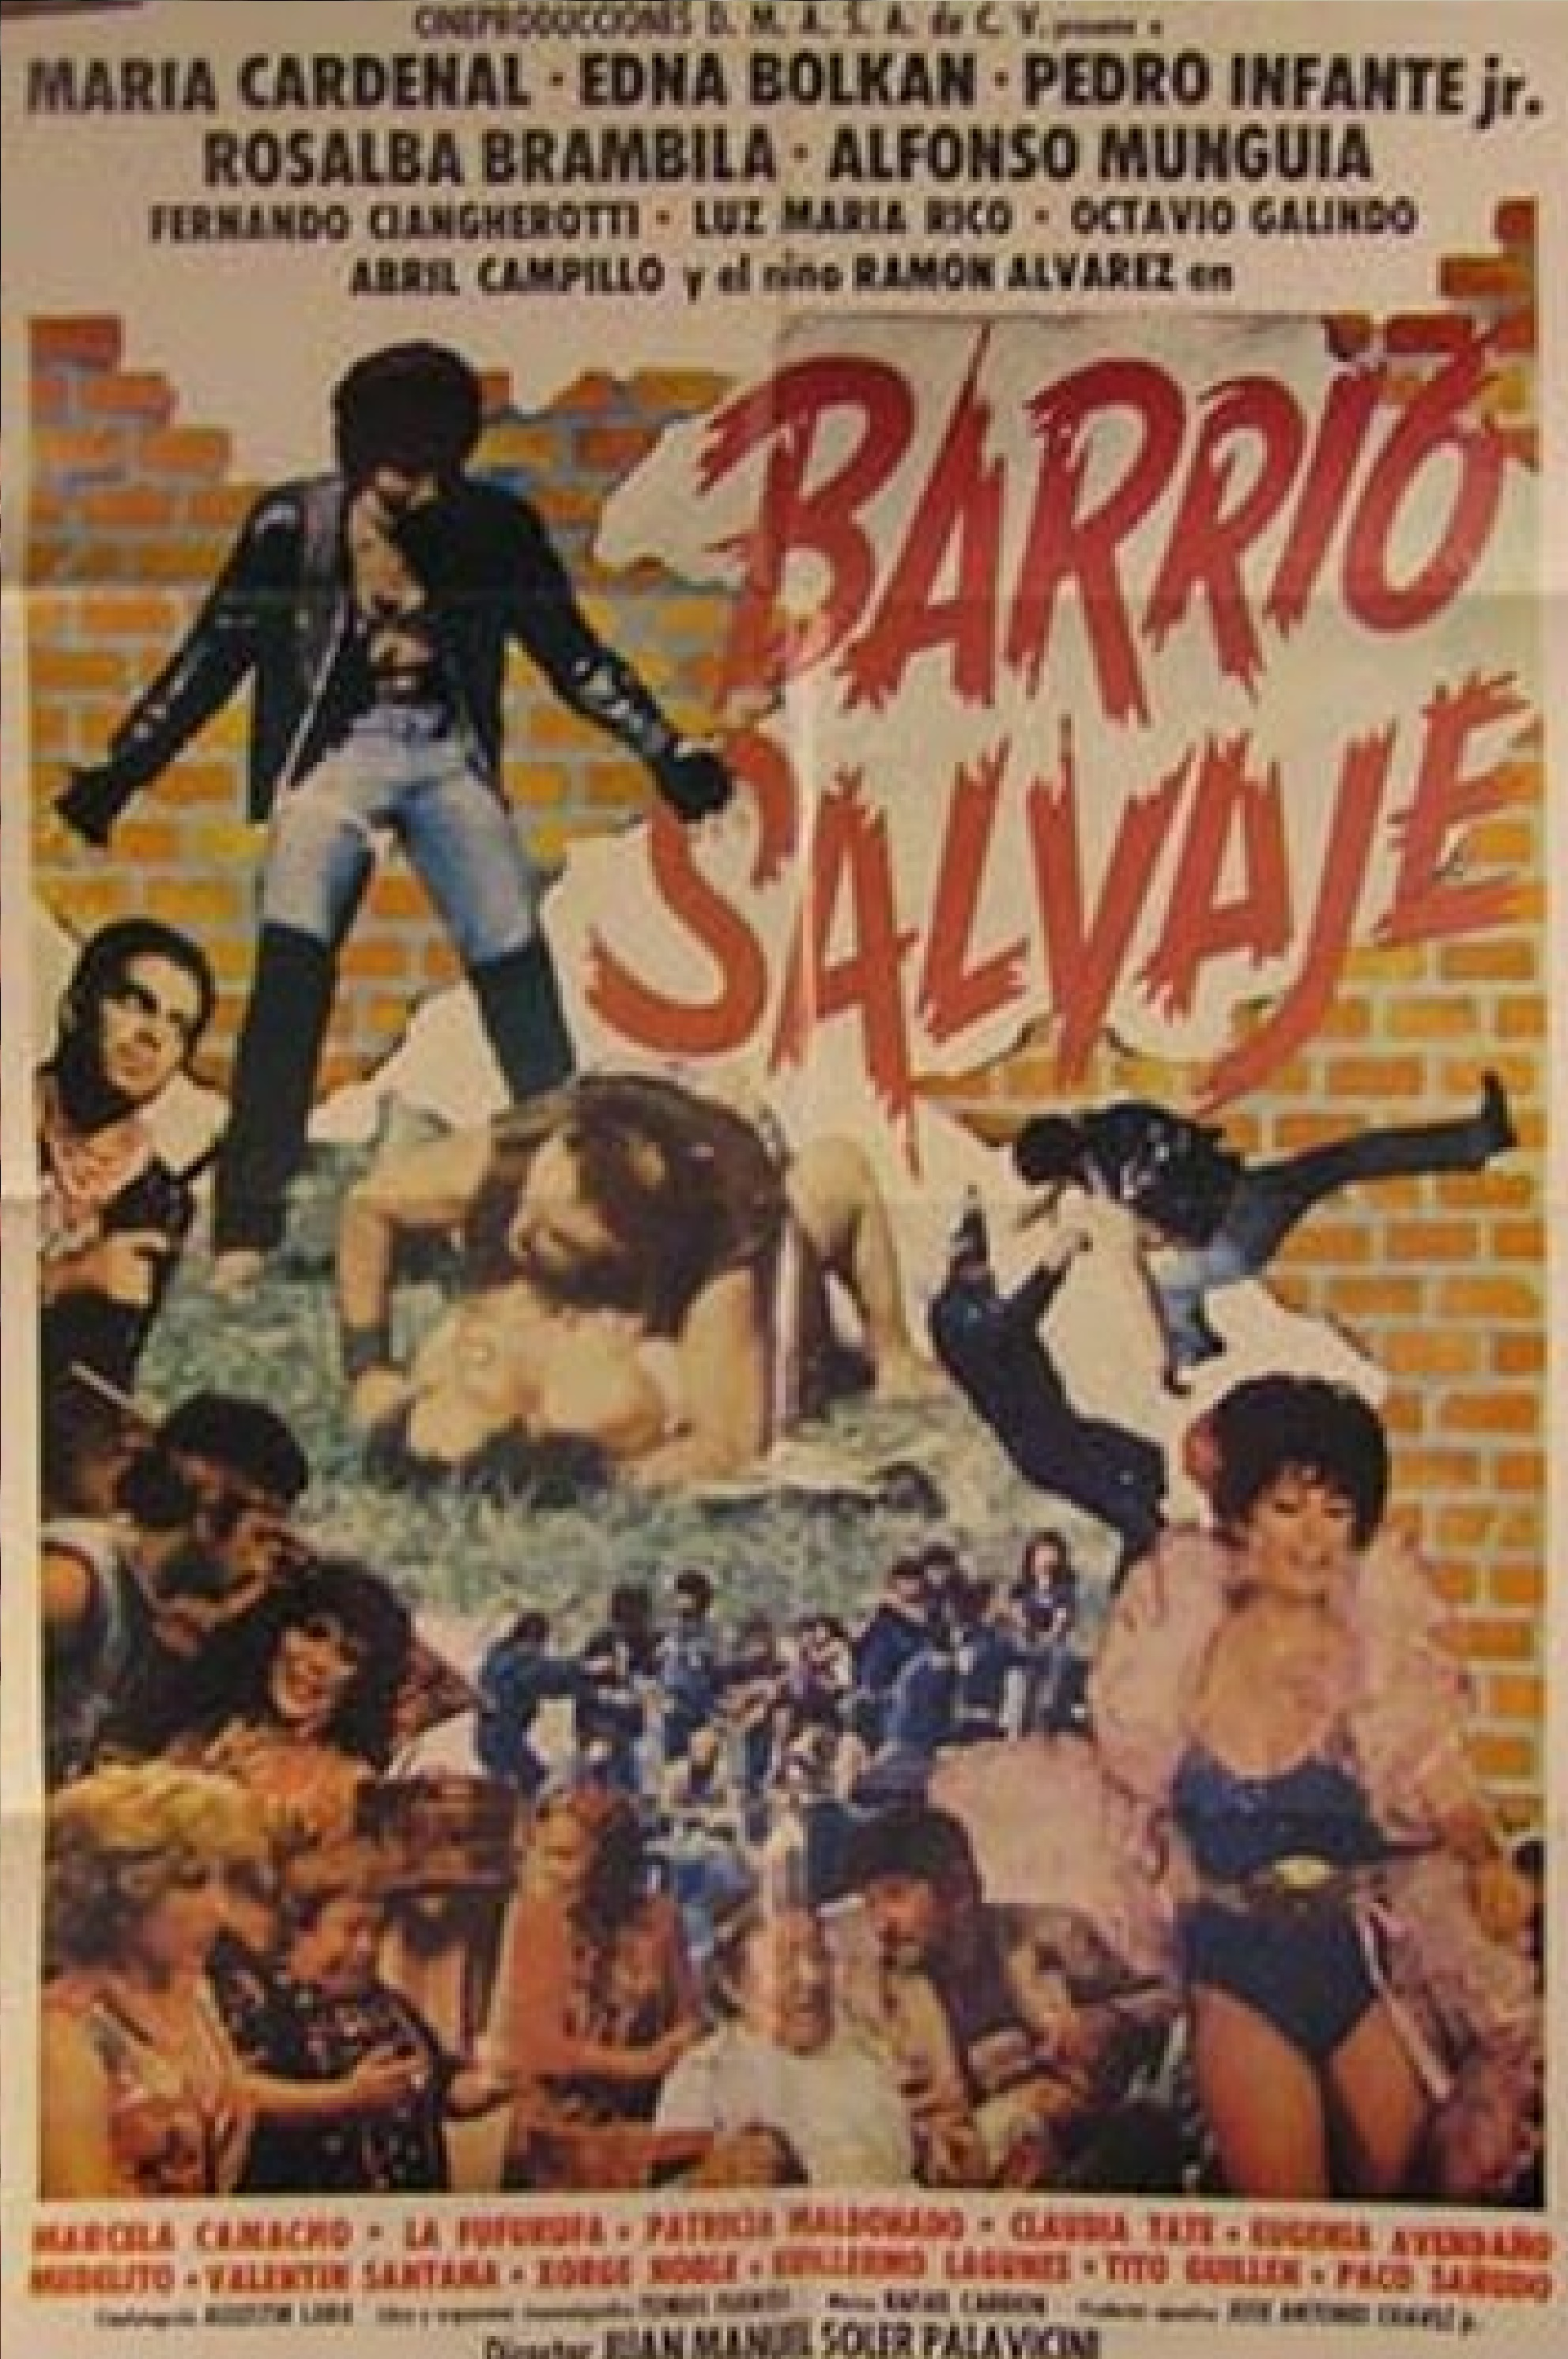 Barrio salvaje ((1985))